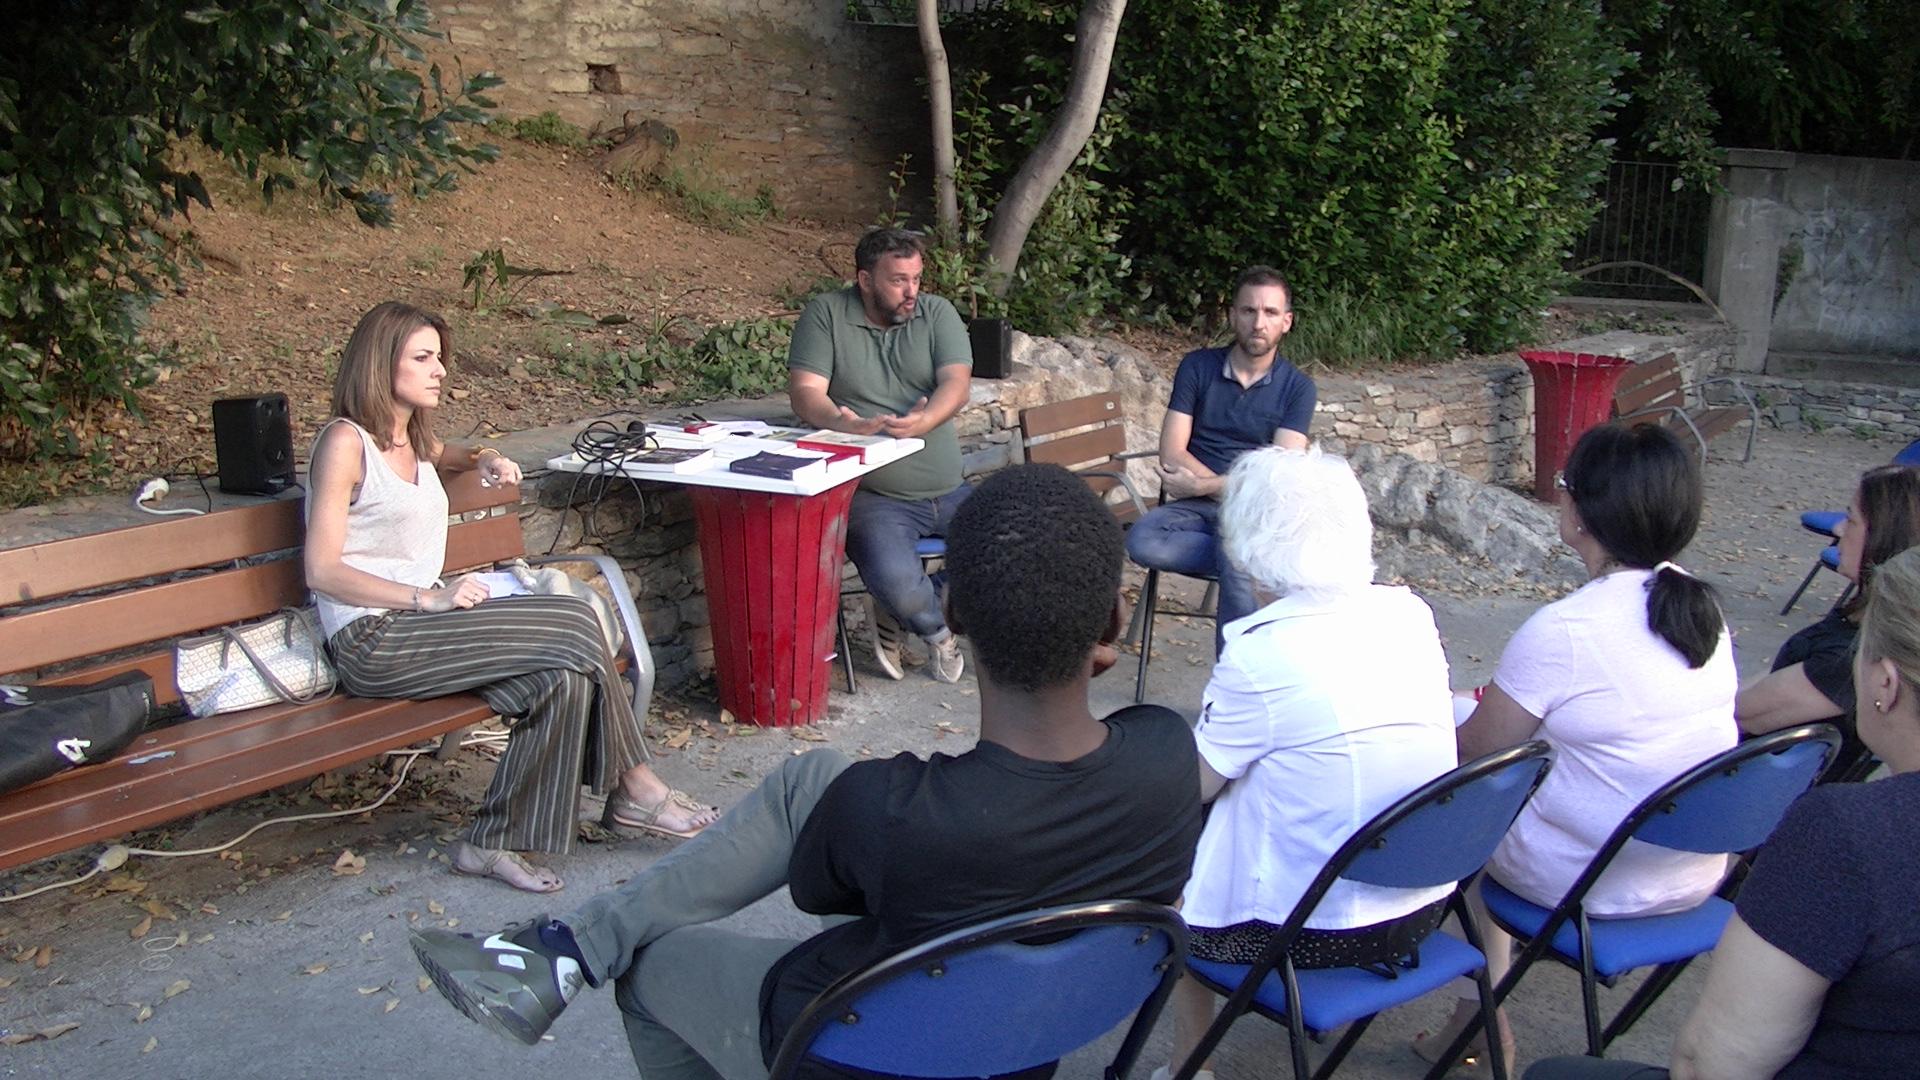 Bénédicte Giusti-Savelli, Sébastien Bonifay et Patrick Vignoli ont présenté l'édition 2018 de Libri Mondi